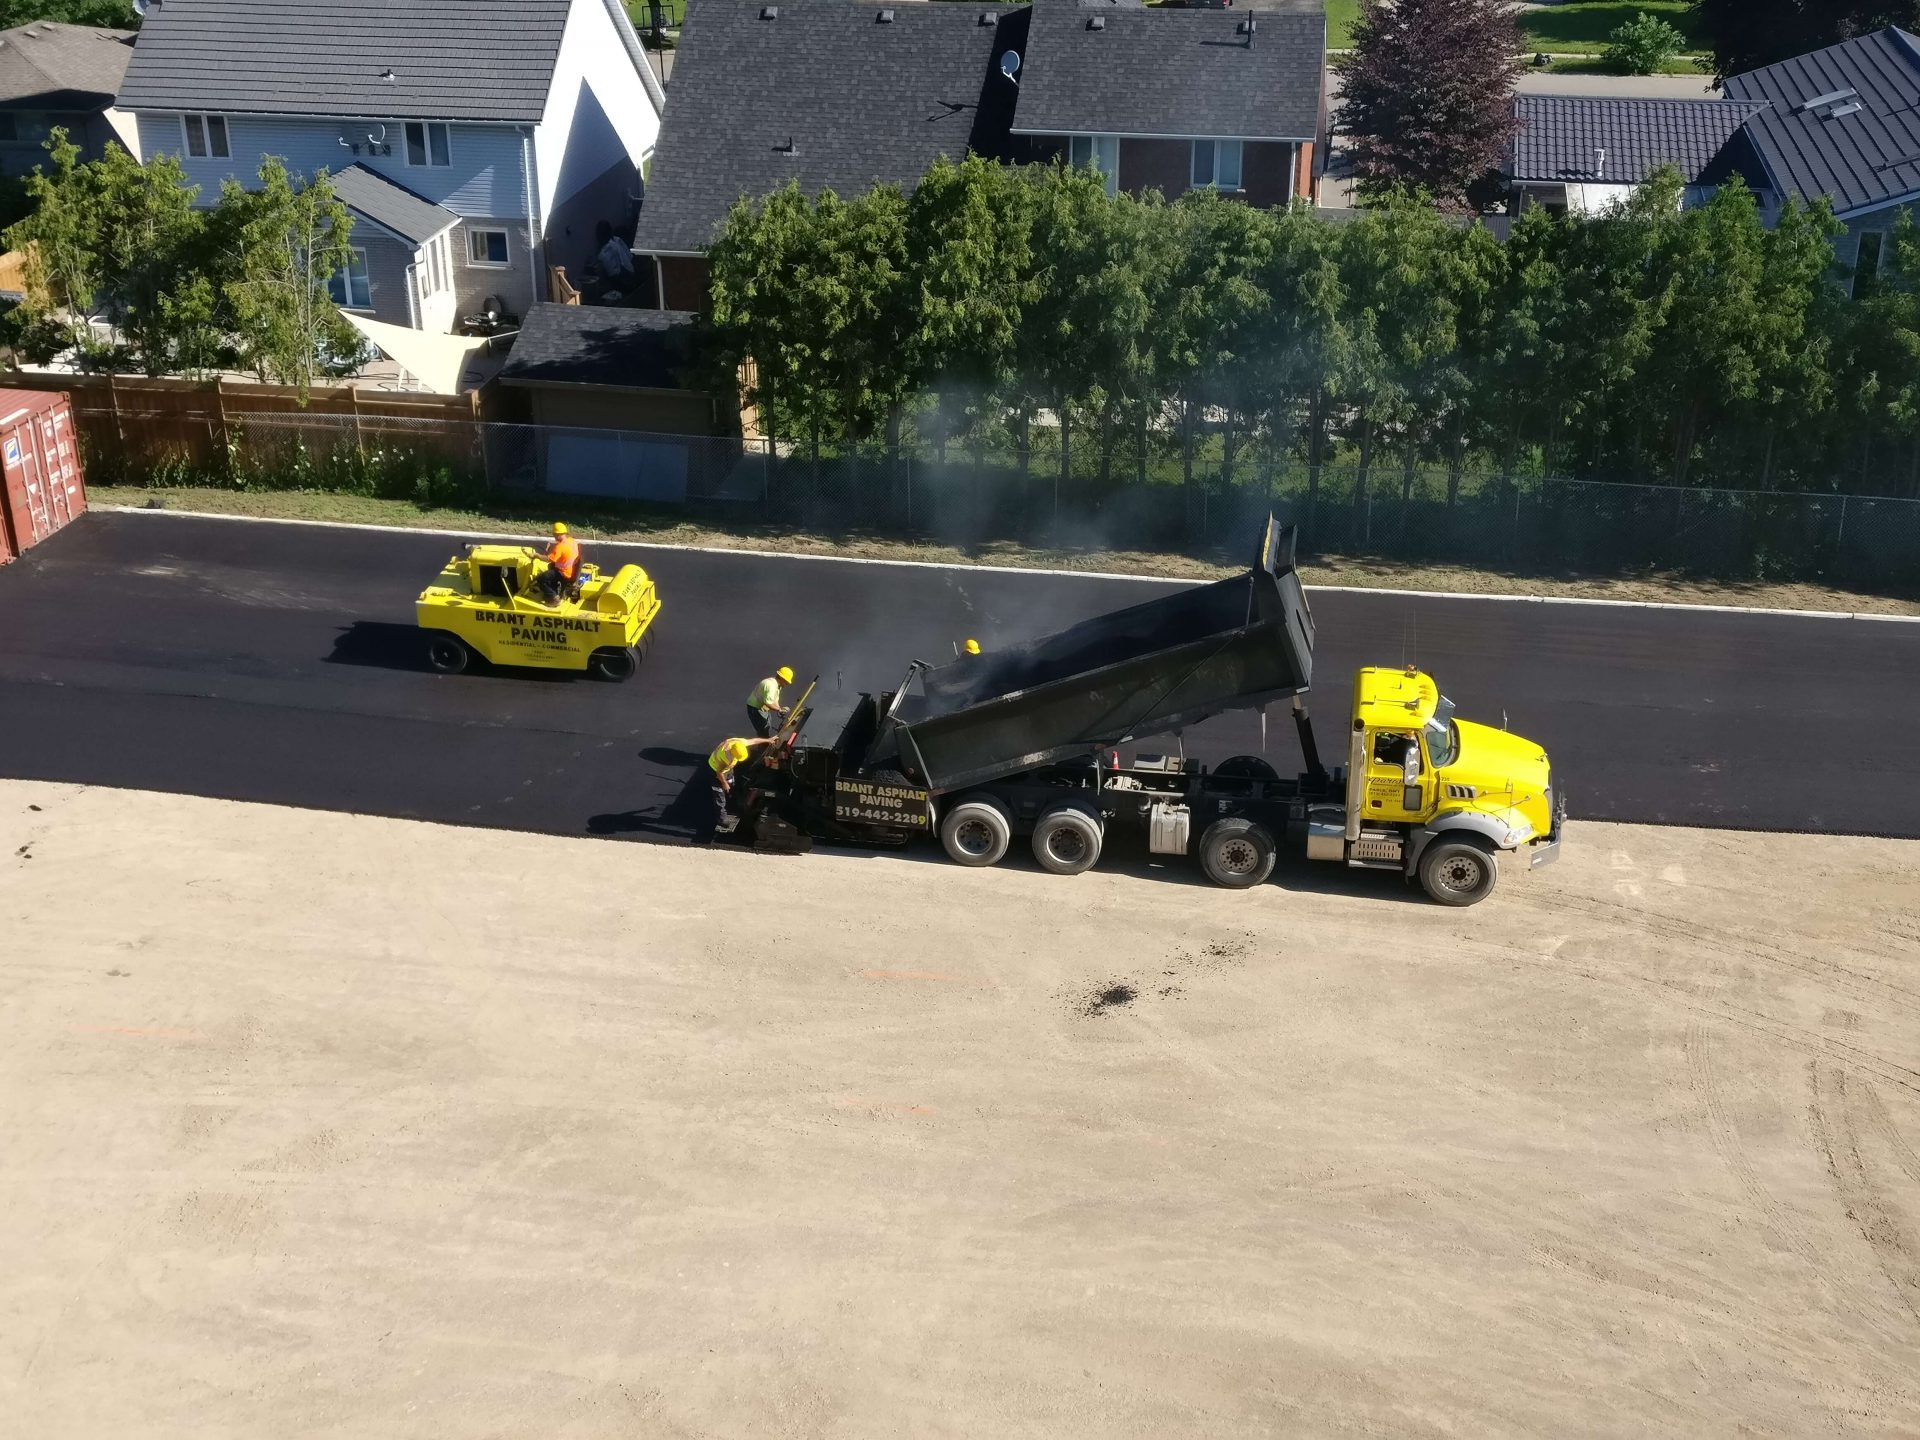 Asphalt being pressed onto new parking lot